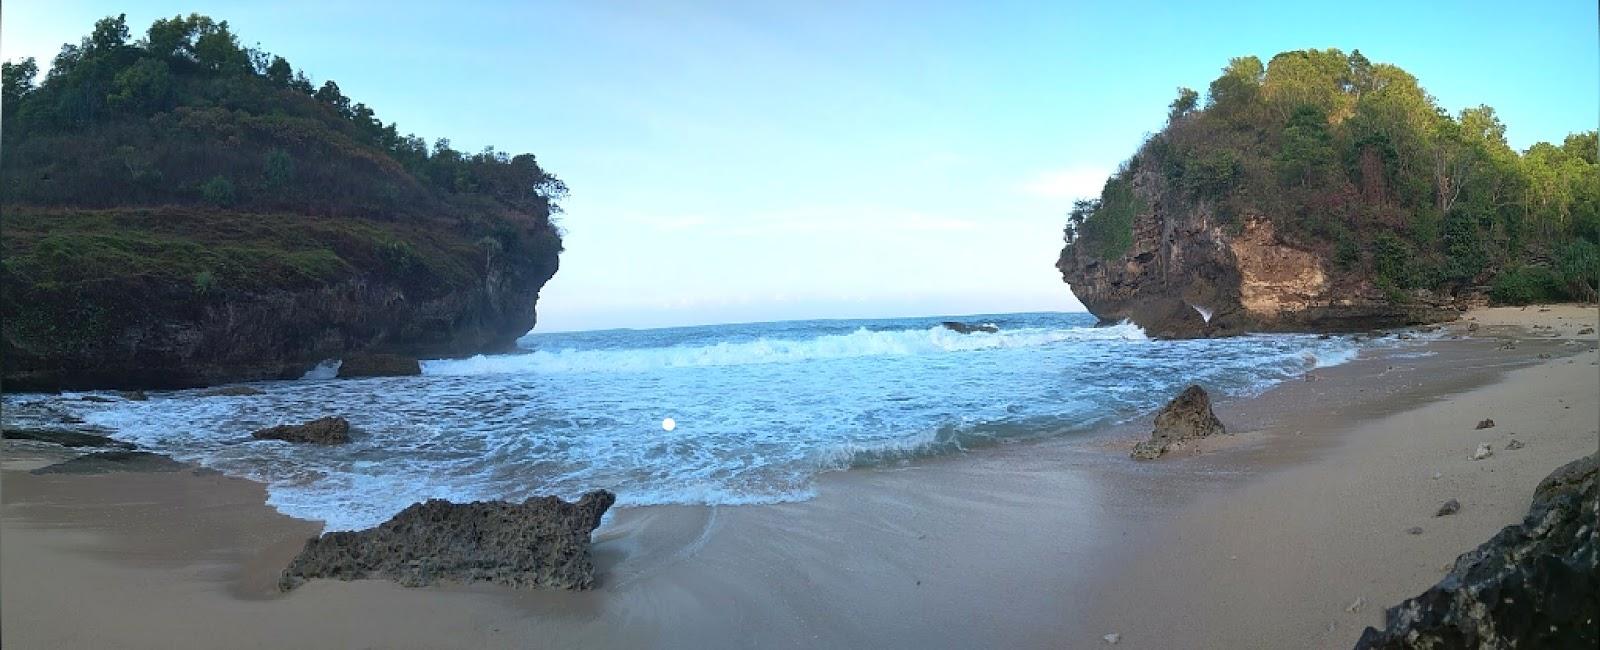 10 Gambar Pantai Mulur Pacitan Jawa Timur, Rute + Lokasi dan Harga TIket Masuk